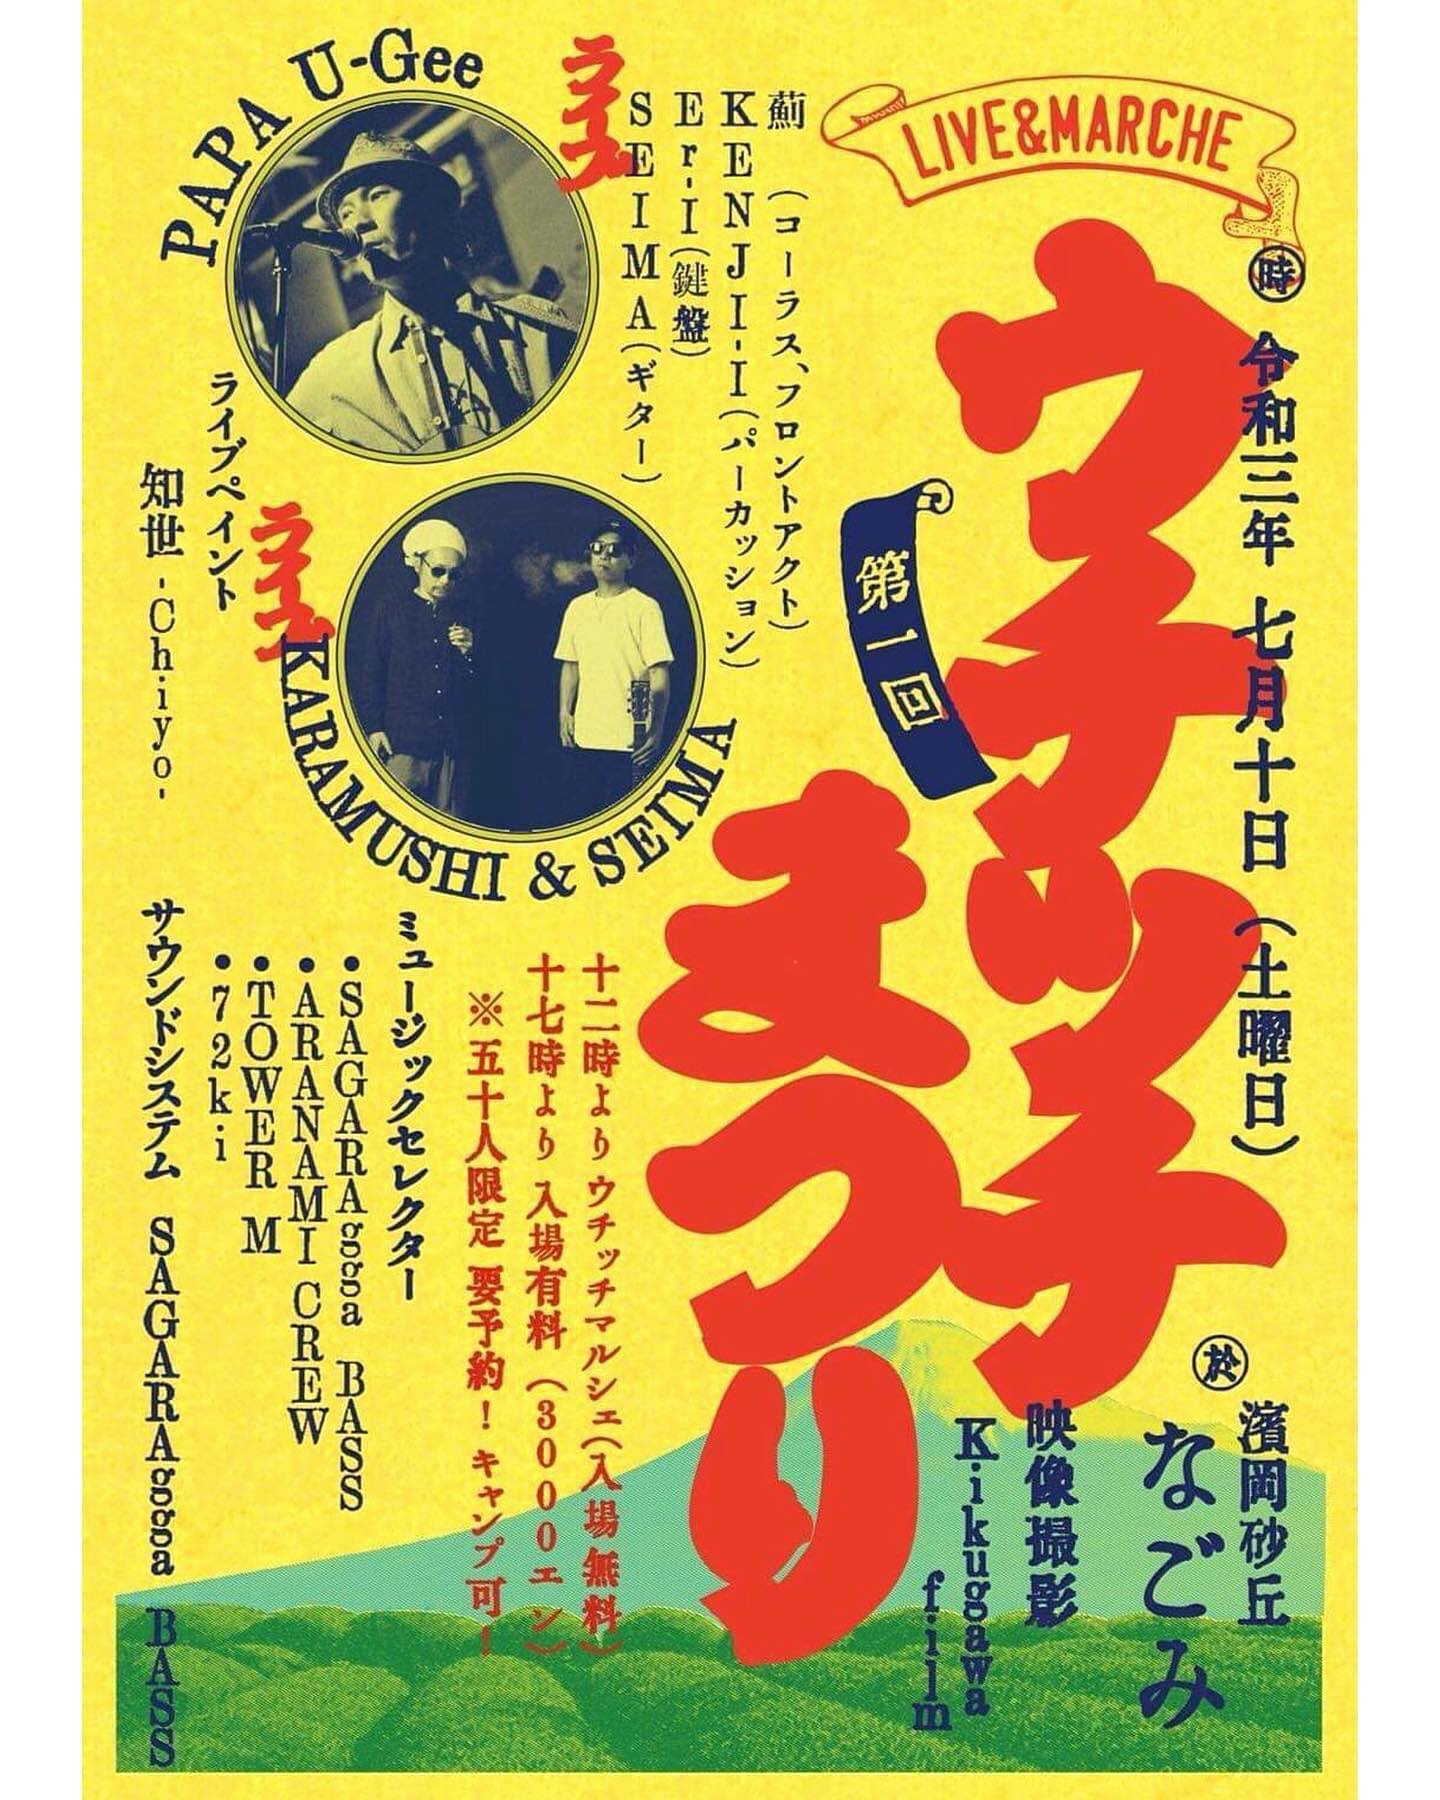 7/10はうちっちまつり12:00〜ステキな出店者さん盛りだくさんのマルシェ♪出店者さんの紹介は、@uchicchi_matsuri にて、ご覧下さいませ︎18:00〜PAPA U-GEEKARAMUSHI&SEIMALiveスタートです♪美味しいものたべて、作家さんのすてきな作品みて、マッサージもあるし、ゆっくり遊びにぜひぜひーーーーー夜のLiveのチケット🎟は50枚限定となっています。お気軽にお問い合わせ下さいね0537-85-24182021. 07. 10 (土) 『ウチッチまつり』KARAMUSHI and SEIMA, PAPA U-Gee Live & マルシェat なごみ静岡県御前崎市池新田9122-1 12:00 Open ウチッチマルシェ (入場無料) 17:00~ (入場有料) Charge ¥3,000 ※50人限定 要予約18:00~ PAPA U-Gee Live19:00~ KARAMUSHI and SEIMA Live20:00  Close -Live-■KARAMUSHI and SEIMA■PAPA U-Geewith SEIMA(Guitar),Er-I(鍵盤),KENJI-I(Percussion)薊(コーラス)-Front act-薊 -Live Paint-知世 -Chiyo- -Selector-SAGARAgga BASSARANAMI CREWTOWER M72ki -Camera-Kikugawa film-Sound System-SAGARAgga BASS  -マルシェ出店者-aima & 茶ゐ屋hathidori (チャイ)新屋食堂アヤナイ (ラーメン)littlebird_season (オーガニックマクラメ,WS)Cassiopeia (カンボジアカレー,刺繍)HAPPY MONSTER (WS,物販)fumi lomi (マッサージ)hug handmade (衣料)SHU wooden tableware (木工)KOPIPOT (コピ塩ポテト)Ammi (焼き菓子)Hanamatsu.mu (真鍮アクセサリー)KAERU (カリンバ)hiramito (掛川三年番茶)ちえのモバイルハウス (こども達の遊び場)  -Camp Site-小さいテント (ソロか2人用) ※限定20張り料金: 1人 1,000円 ※要予約キャンプサイトの予約はなごみまでお願いします。  -予約・問い合わせ-砂丘魚政なごみ 0537-85-2418https://nagomi-hamaokasakyu.com sloWPorch  slowporch@gmail.com https://slowporchkikaku.wixsite.comDesign by @keiithimasda #ウチッチまつり #ウチッチ #カラムシ #seima #papaugee #sagaraggabass #aranamicrew #nagomi #なごみ #浜岡 #slowporch #野外ライブ #キャンプ #camp #towerm #kikugawafilm #72ki#浜岡砂丘 #浜岡砂丘なごみ